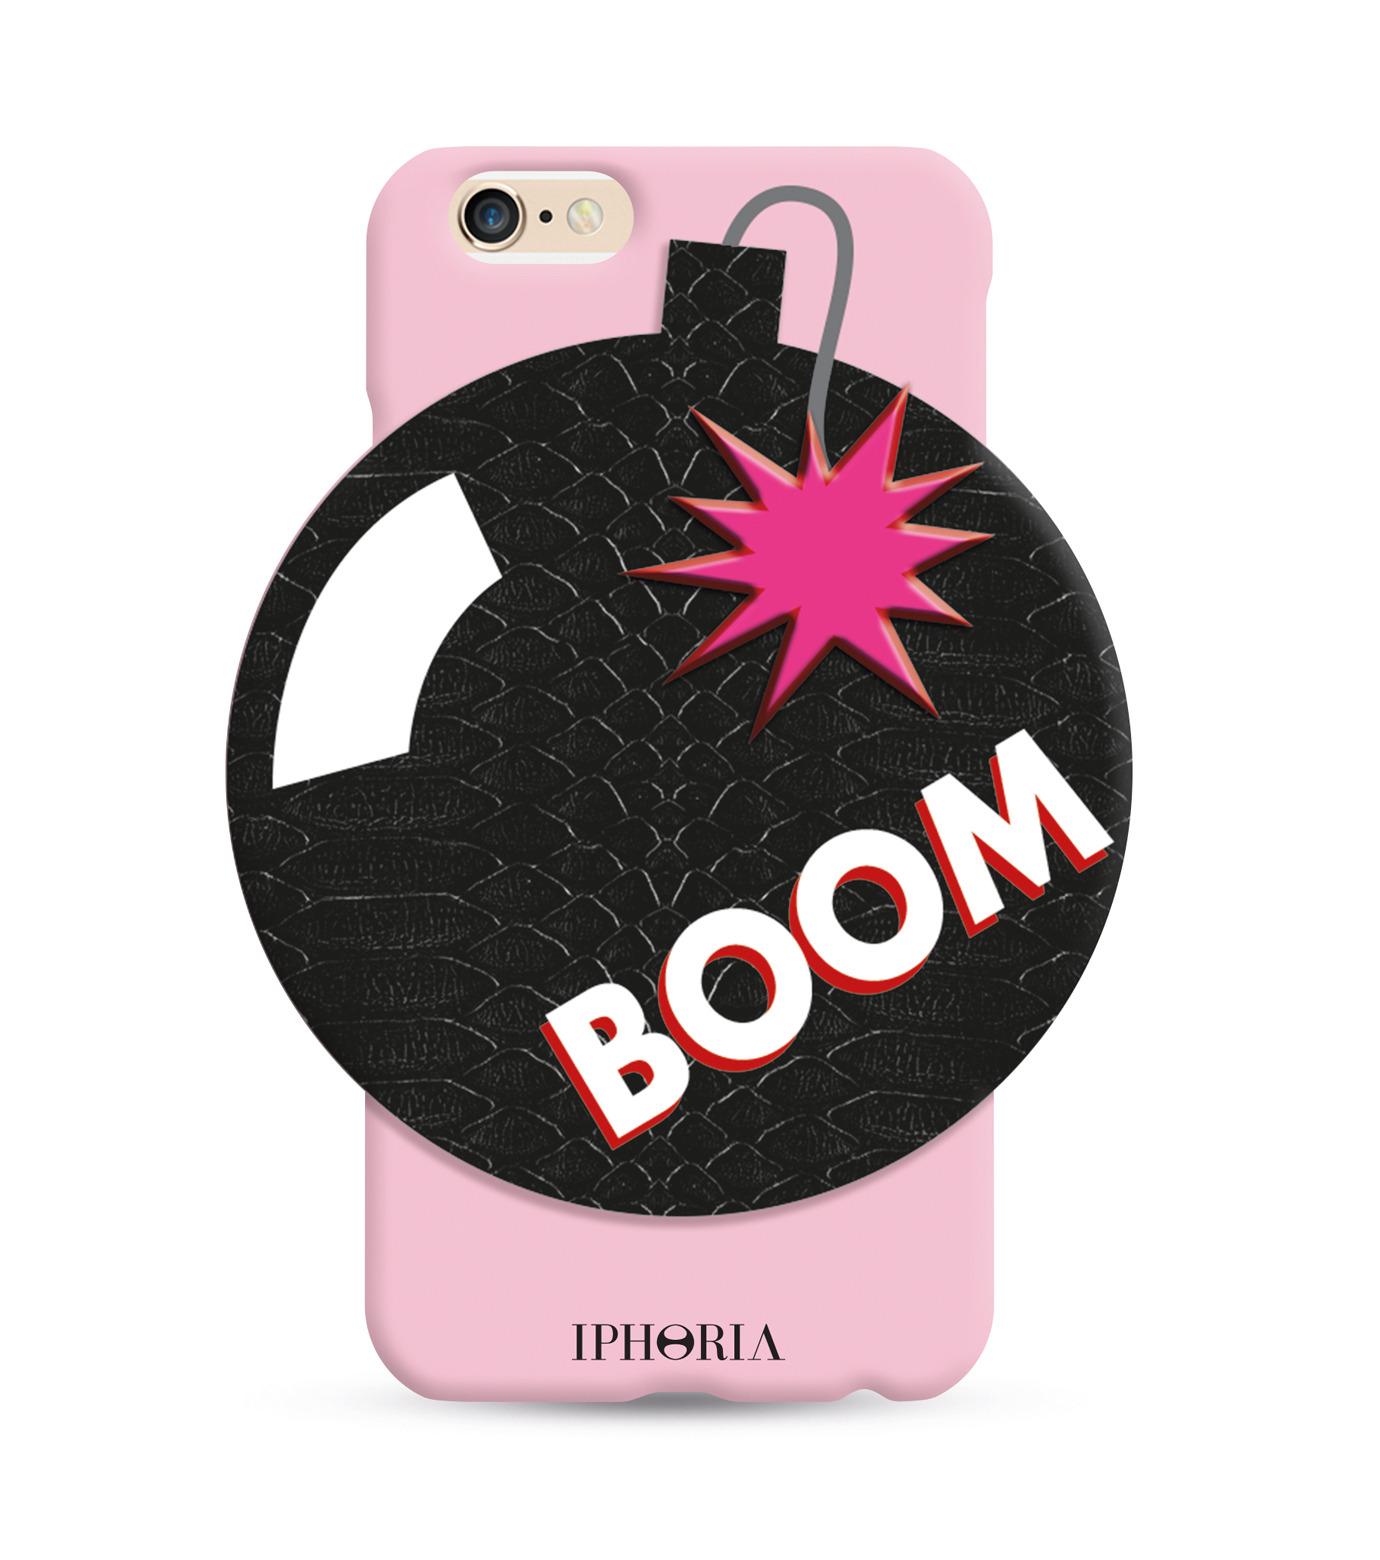 IPHORIA(アイフォリア)のBOOM 6/6S-PINK(ケースiphone6/6s/case iphone6/6s)-81405-72 拡大詳細画像1